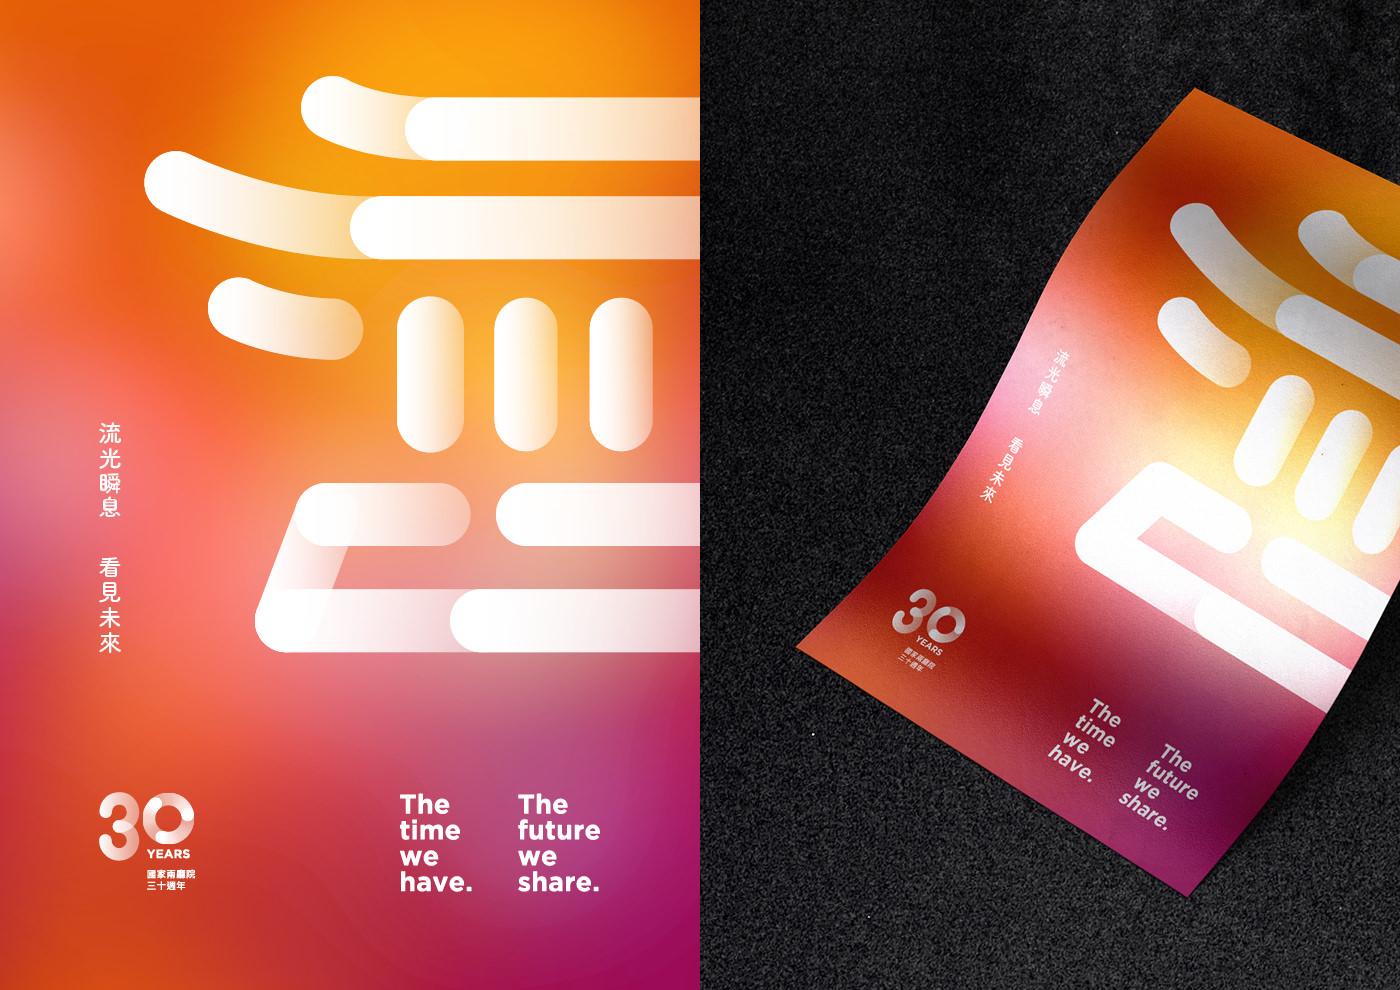 兩廳院三十週年活動視覺海報